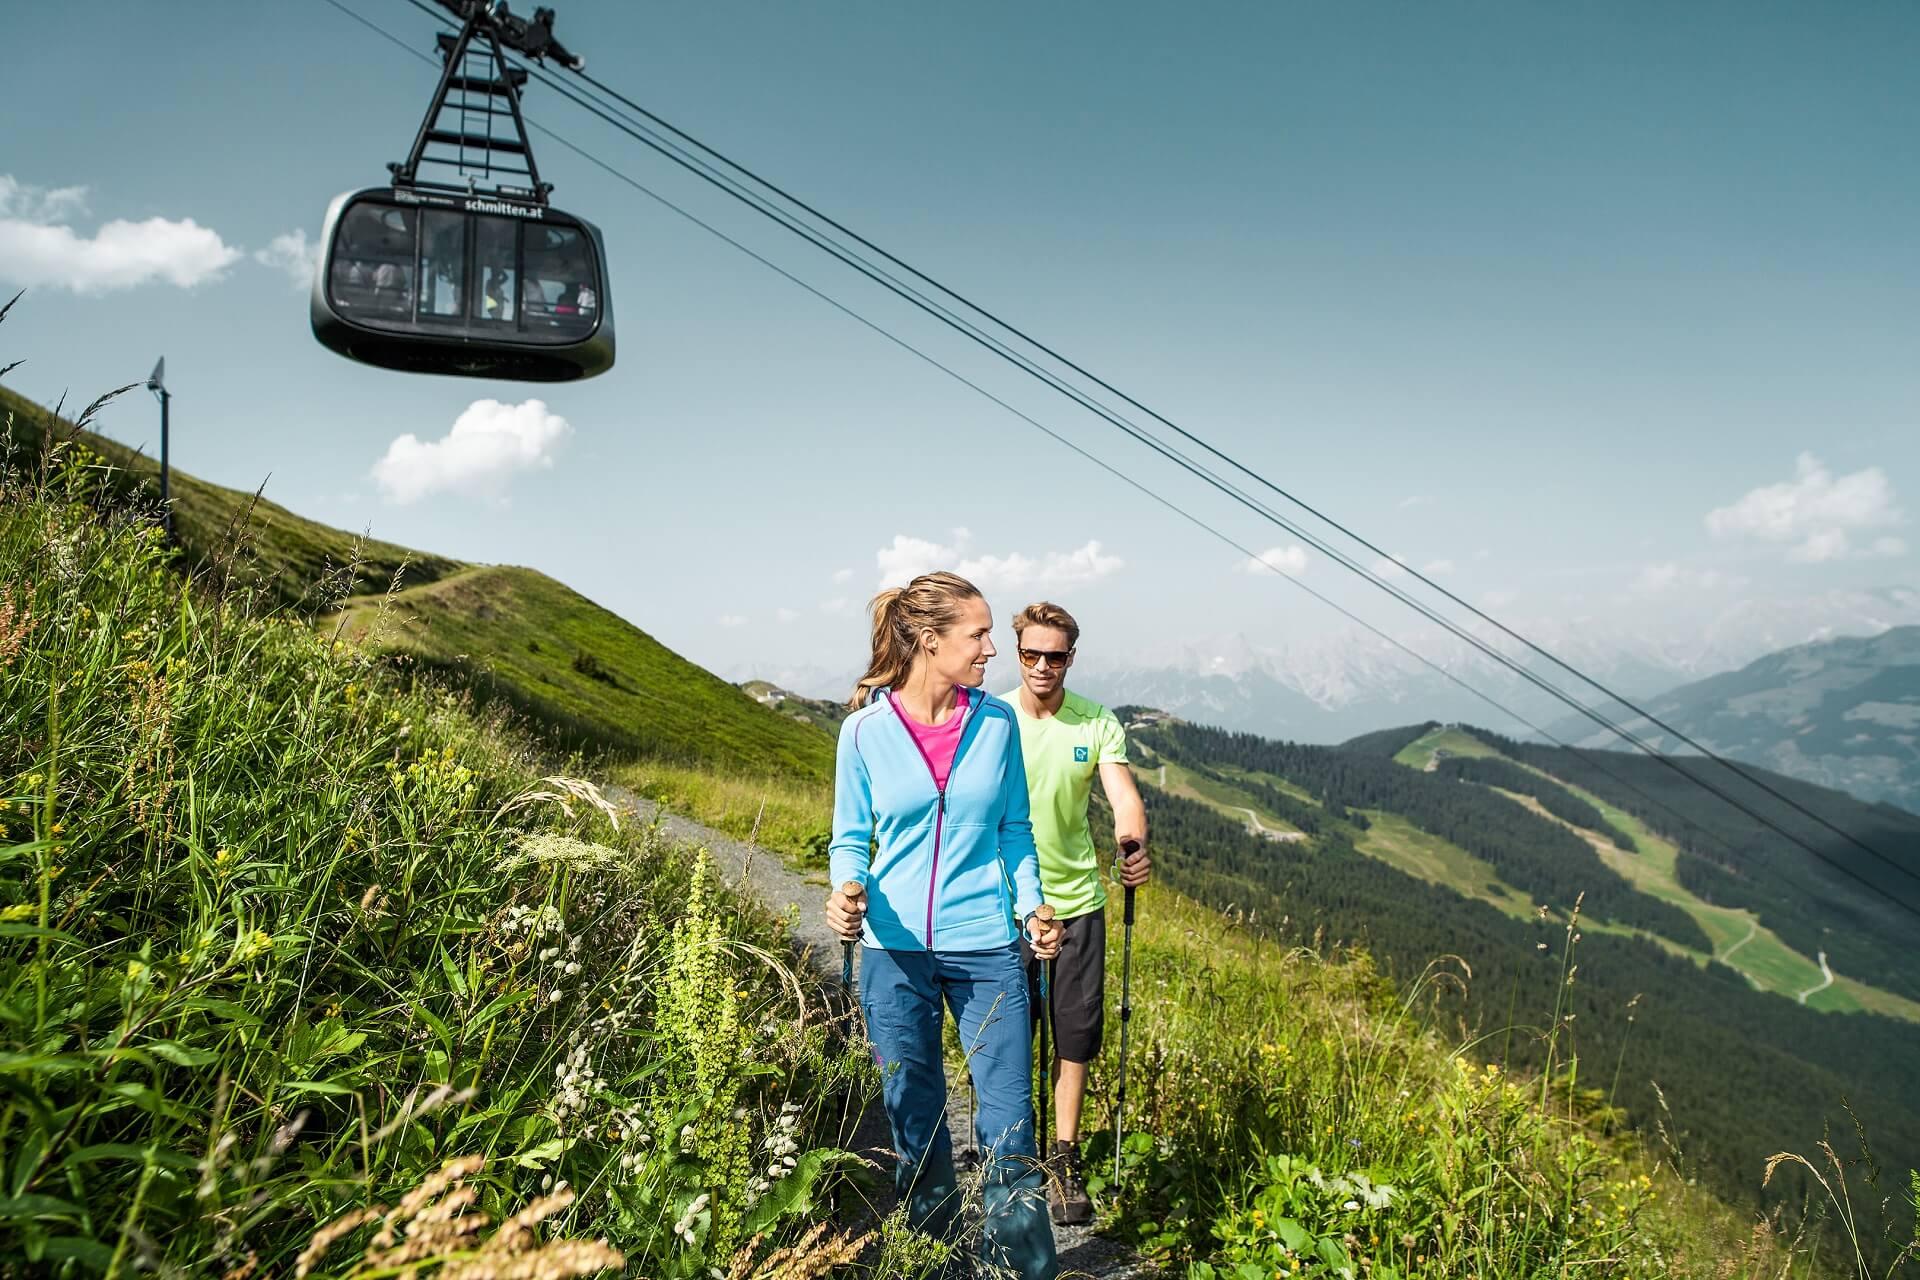 Im Sommer beim Wandern auf der Schmittenhöhe